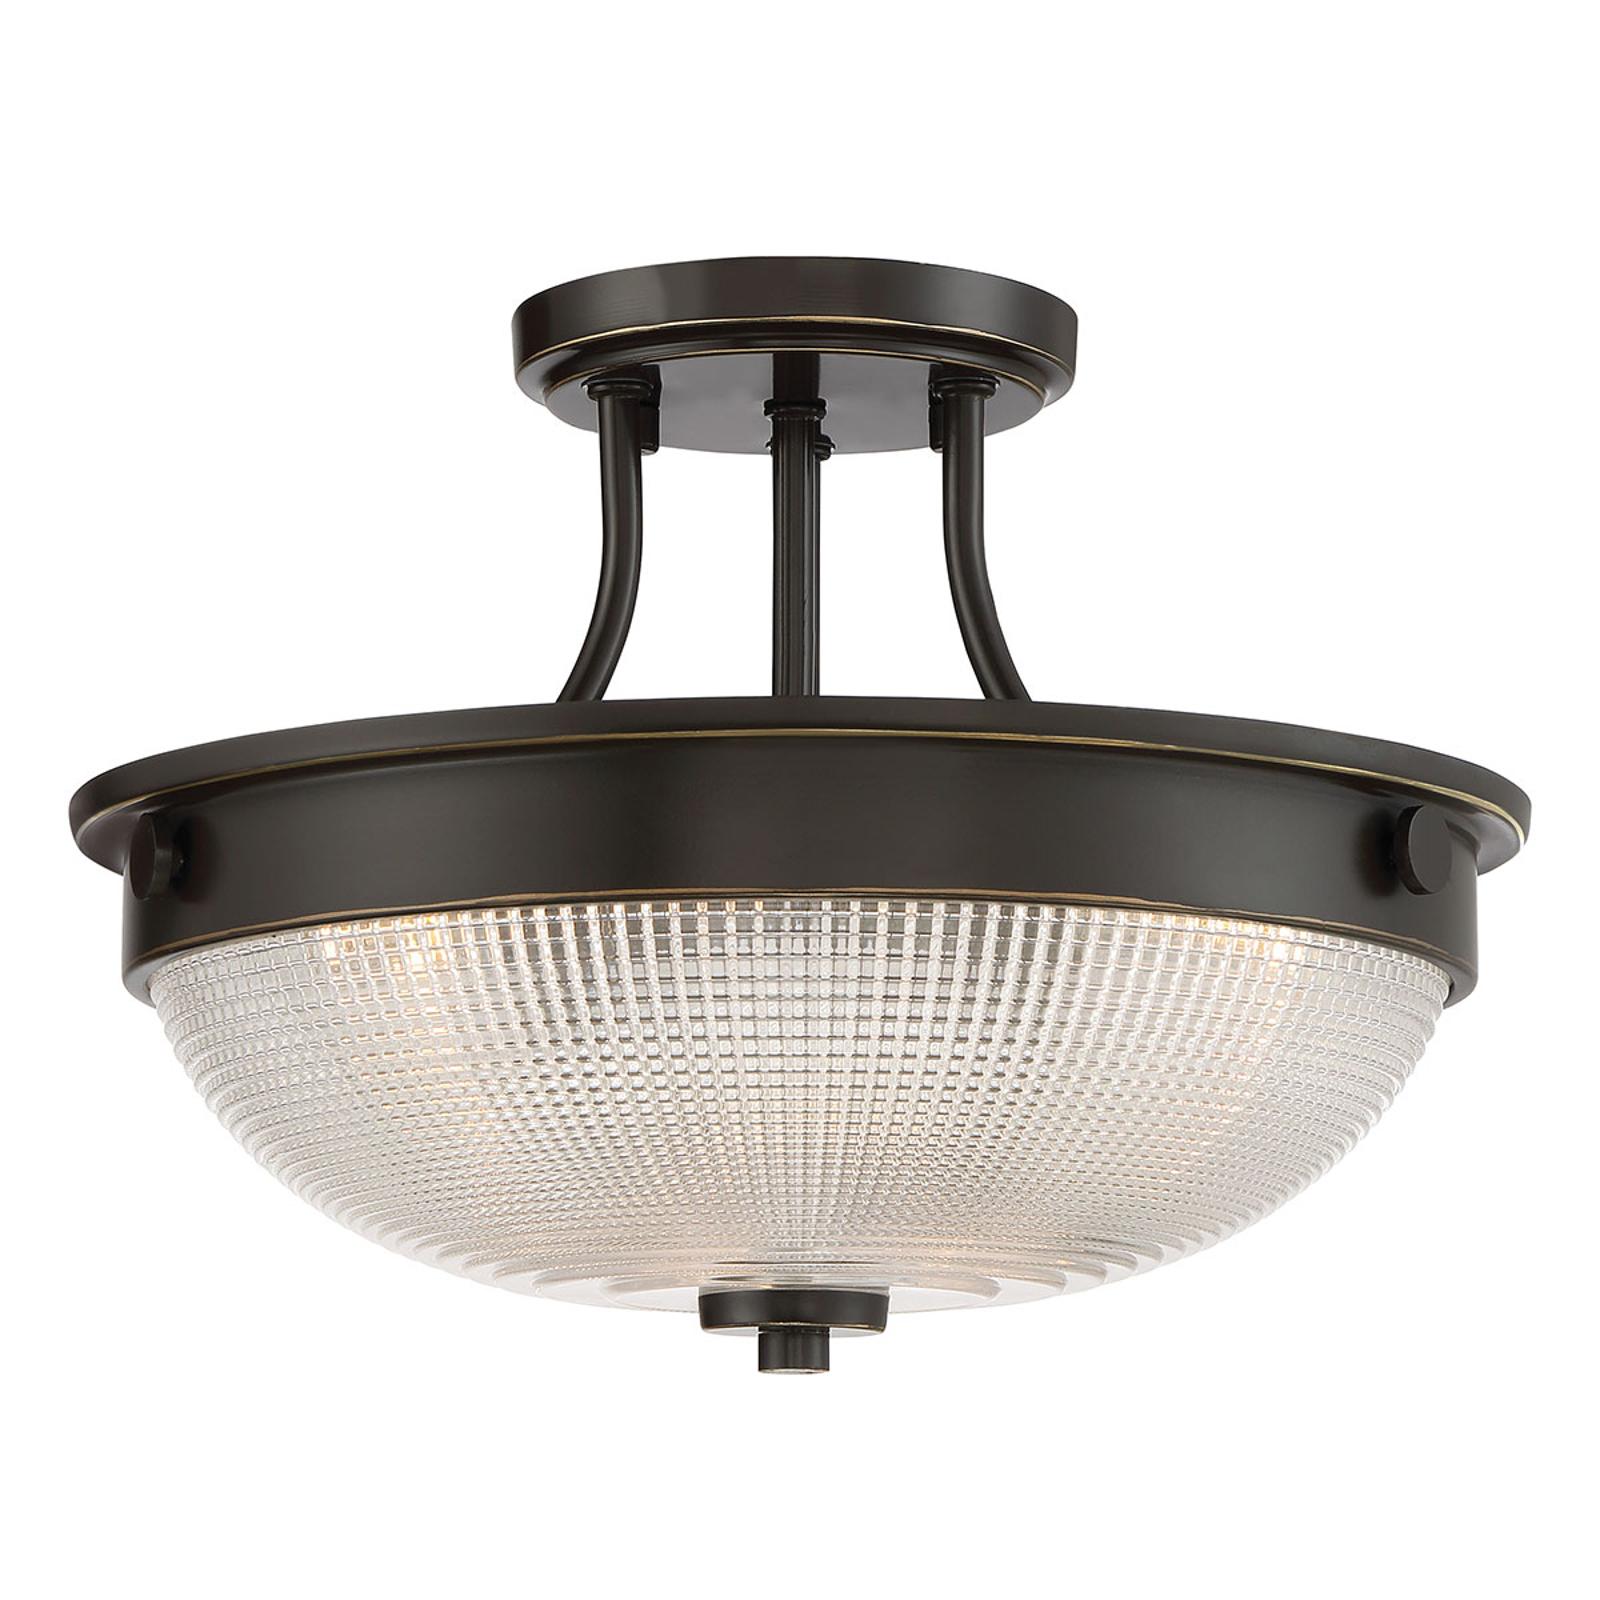 Szklana lampa sufitowa Mantle, brąz